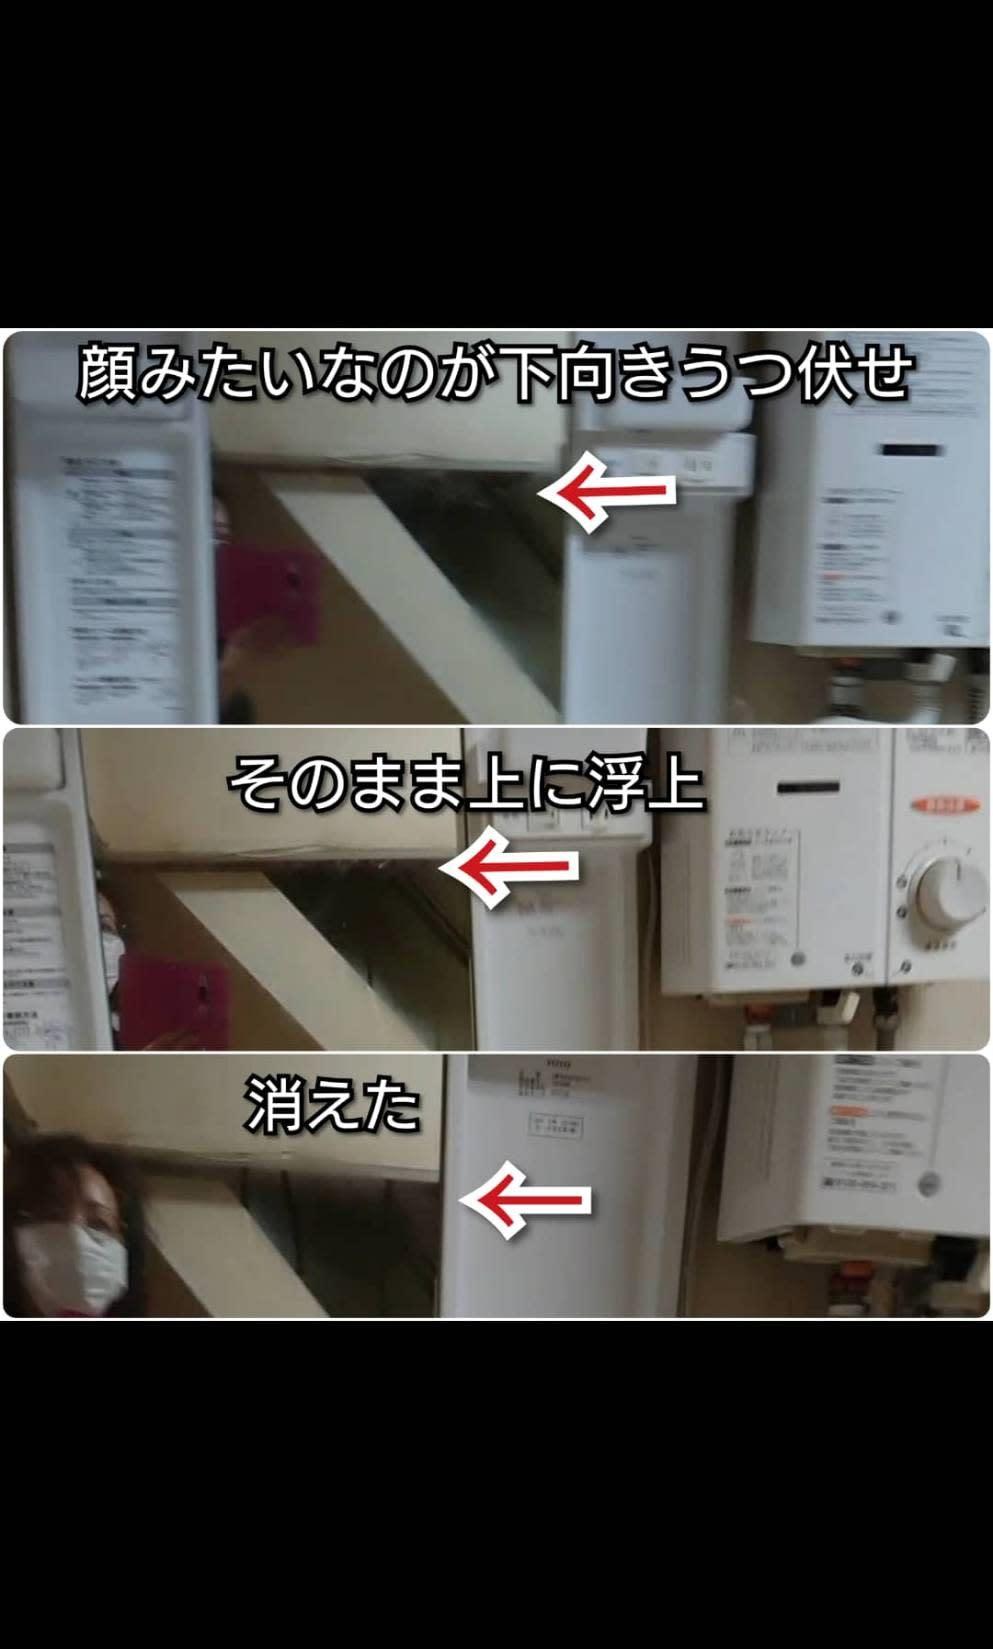 事故 大島 物件 大阪 てる